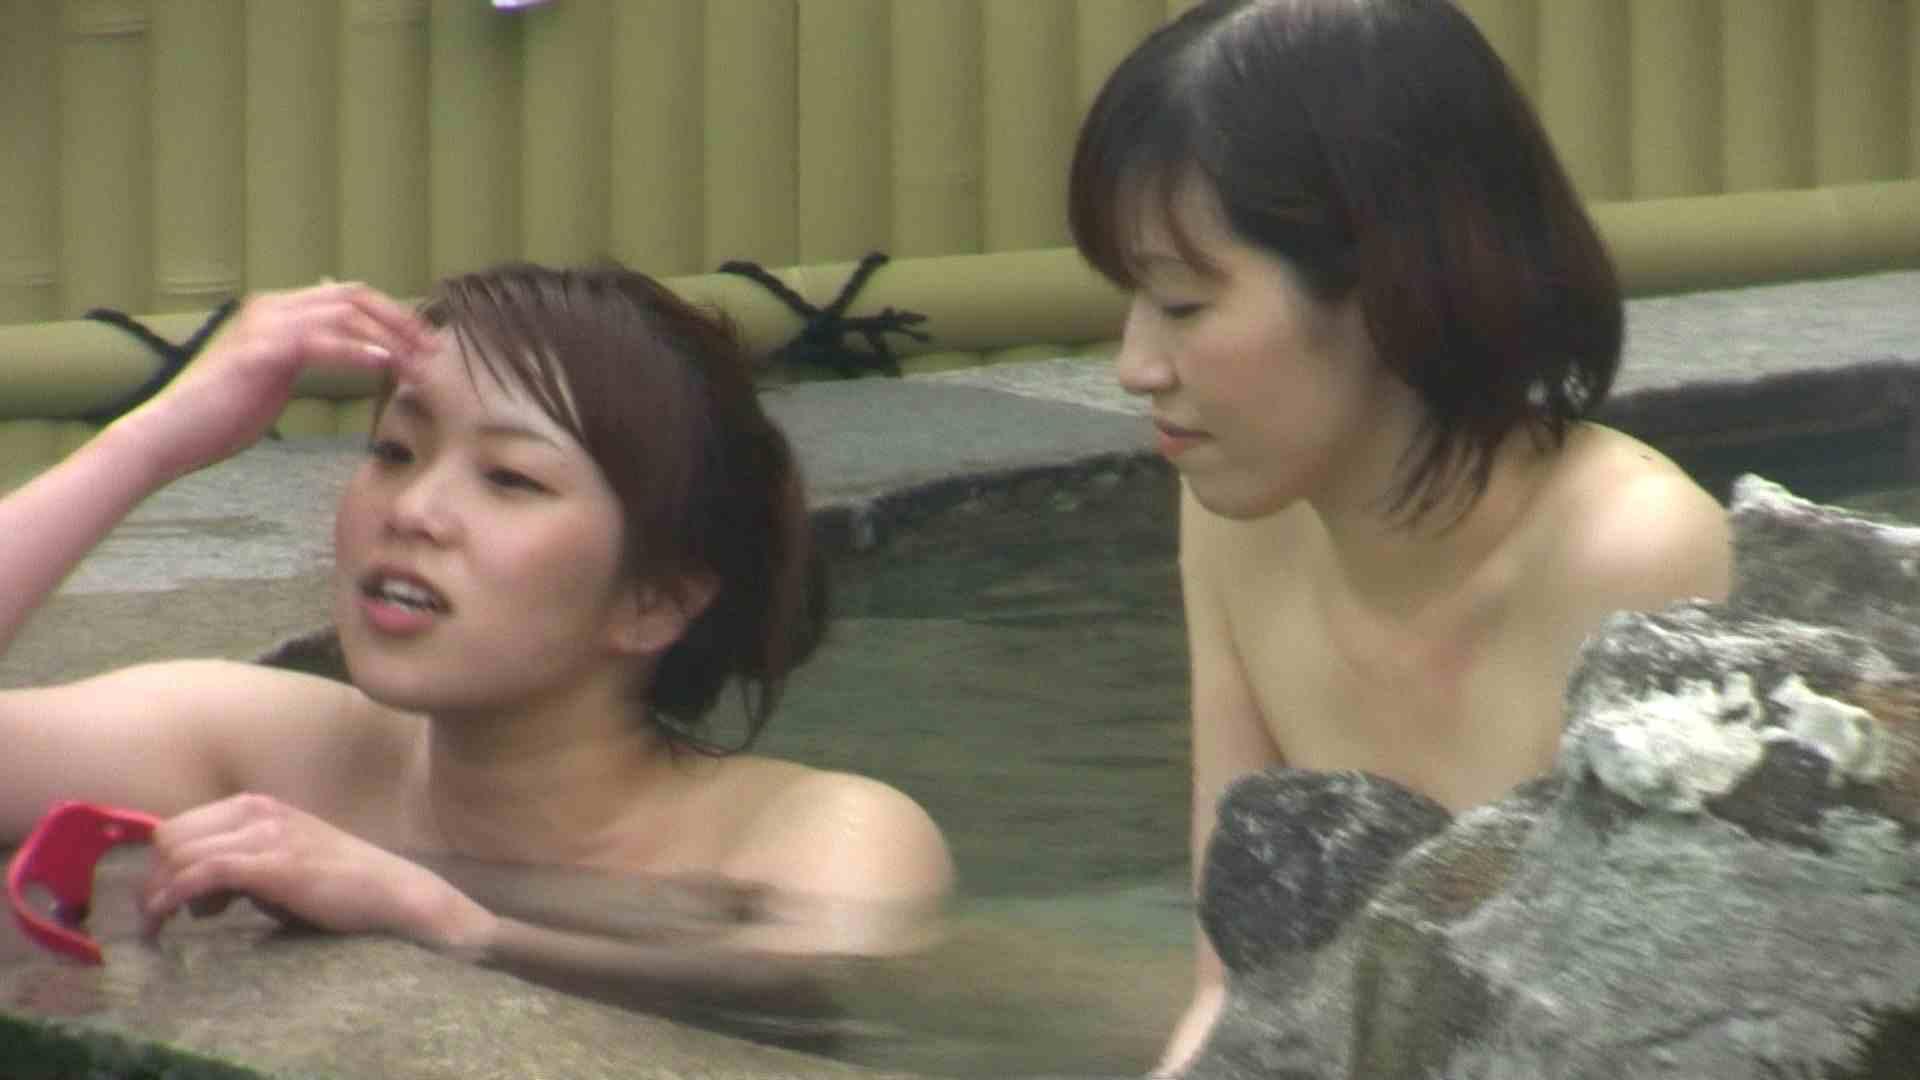 Aquaな露天風呂Vol.680 OLのエロ生活   盗撮  98連発 1